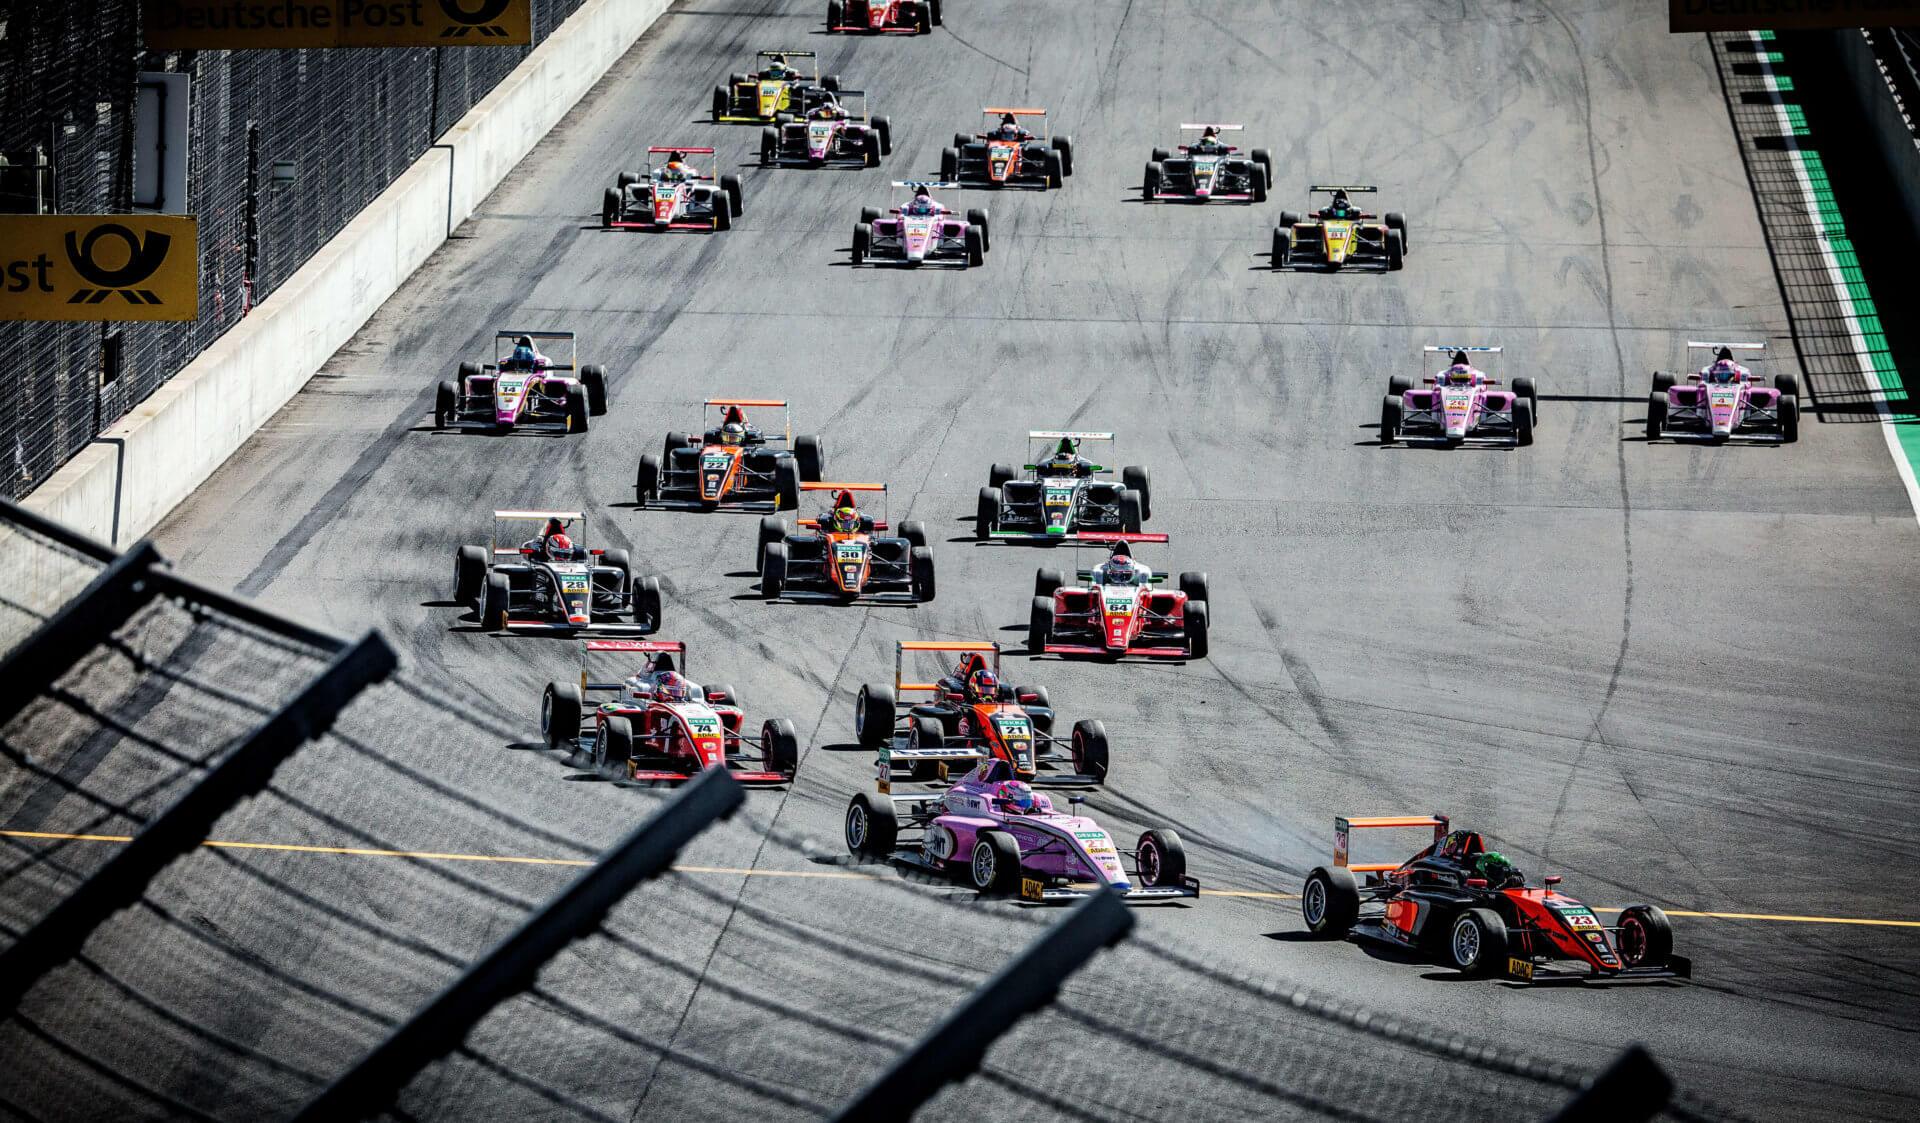 mehrere Formel Autos auf der Rennstrecke